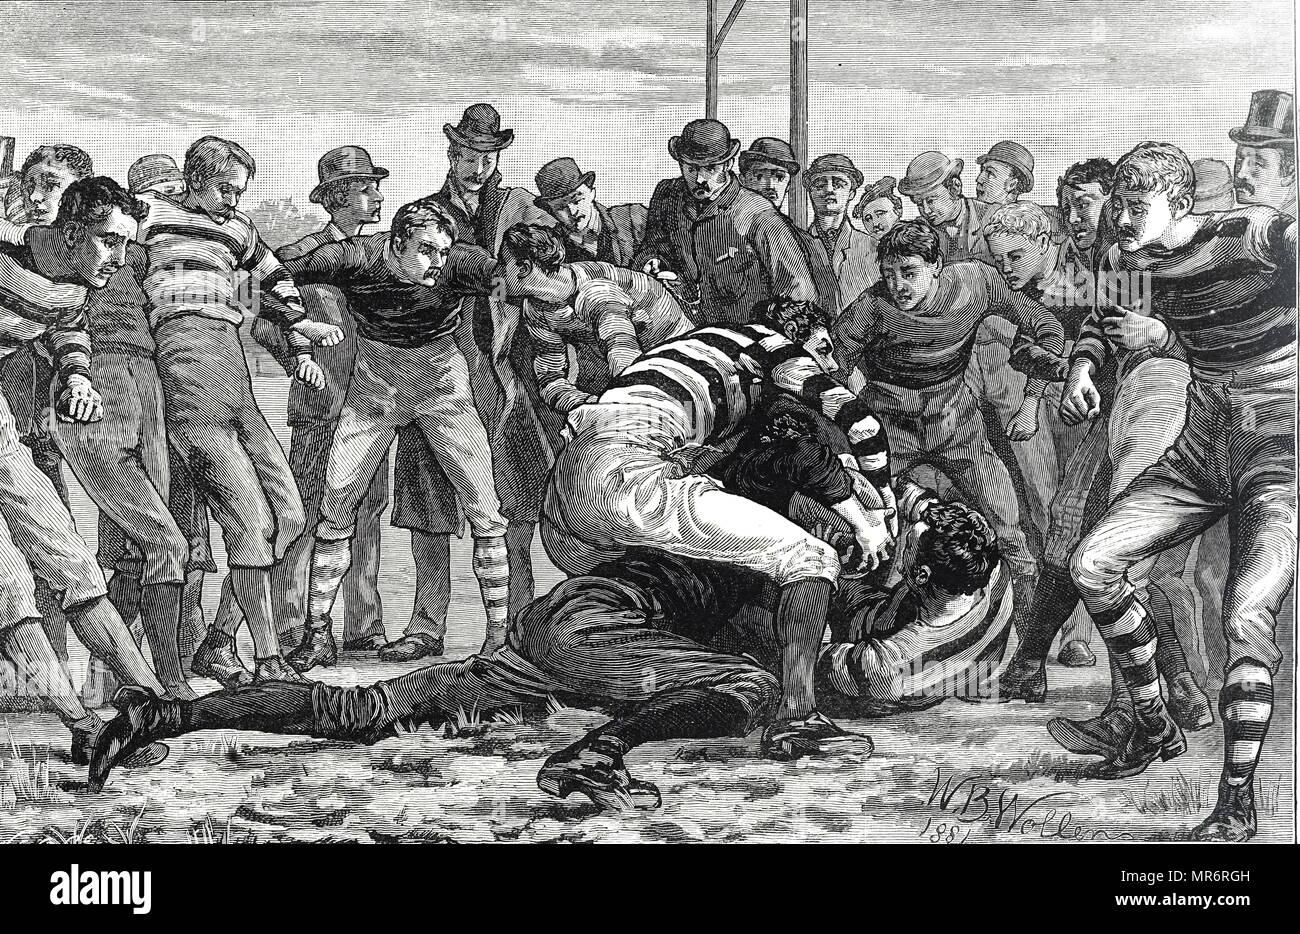 Incisione raffigurante Uomini giocando a rugby. Il Rugby Union regole significa che i difensori cercano di evitare che l'opposizione facendo una prova. Datata del XIX secolo Immagini Stock